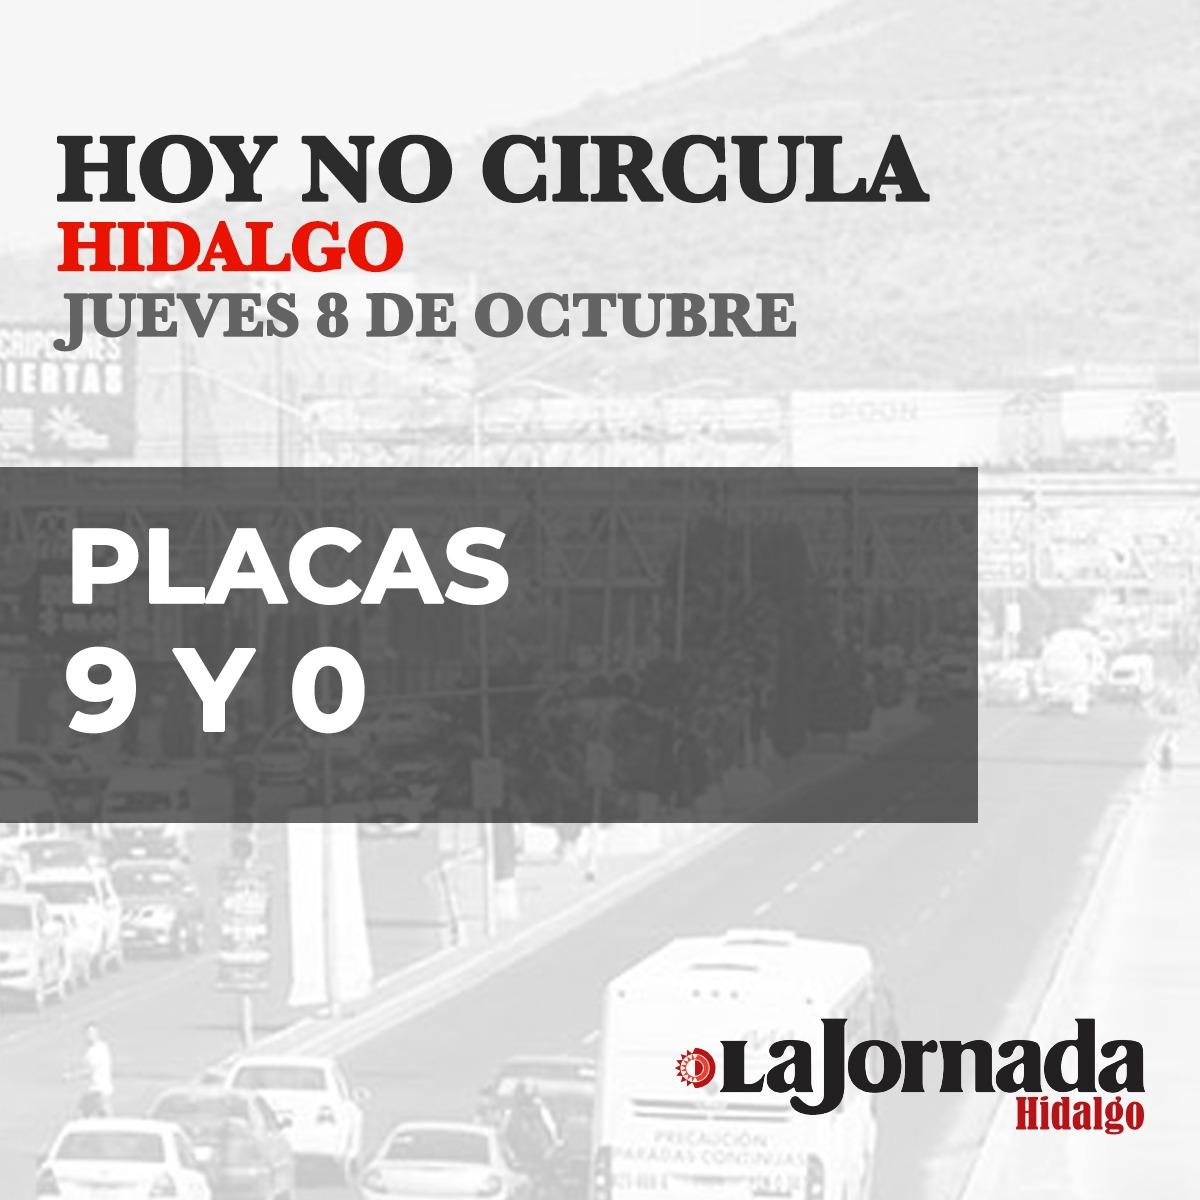 Hoy No Circula Hidalgo jueves 8 de octubre